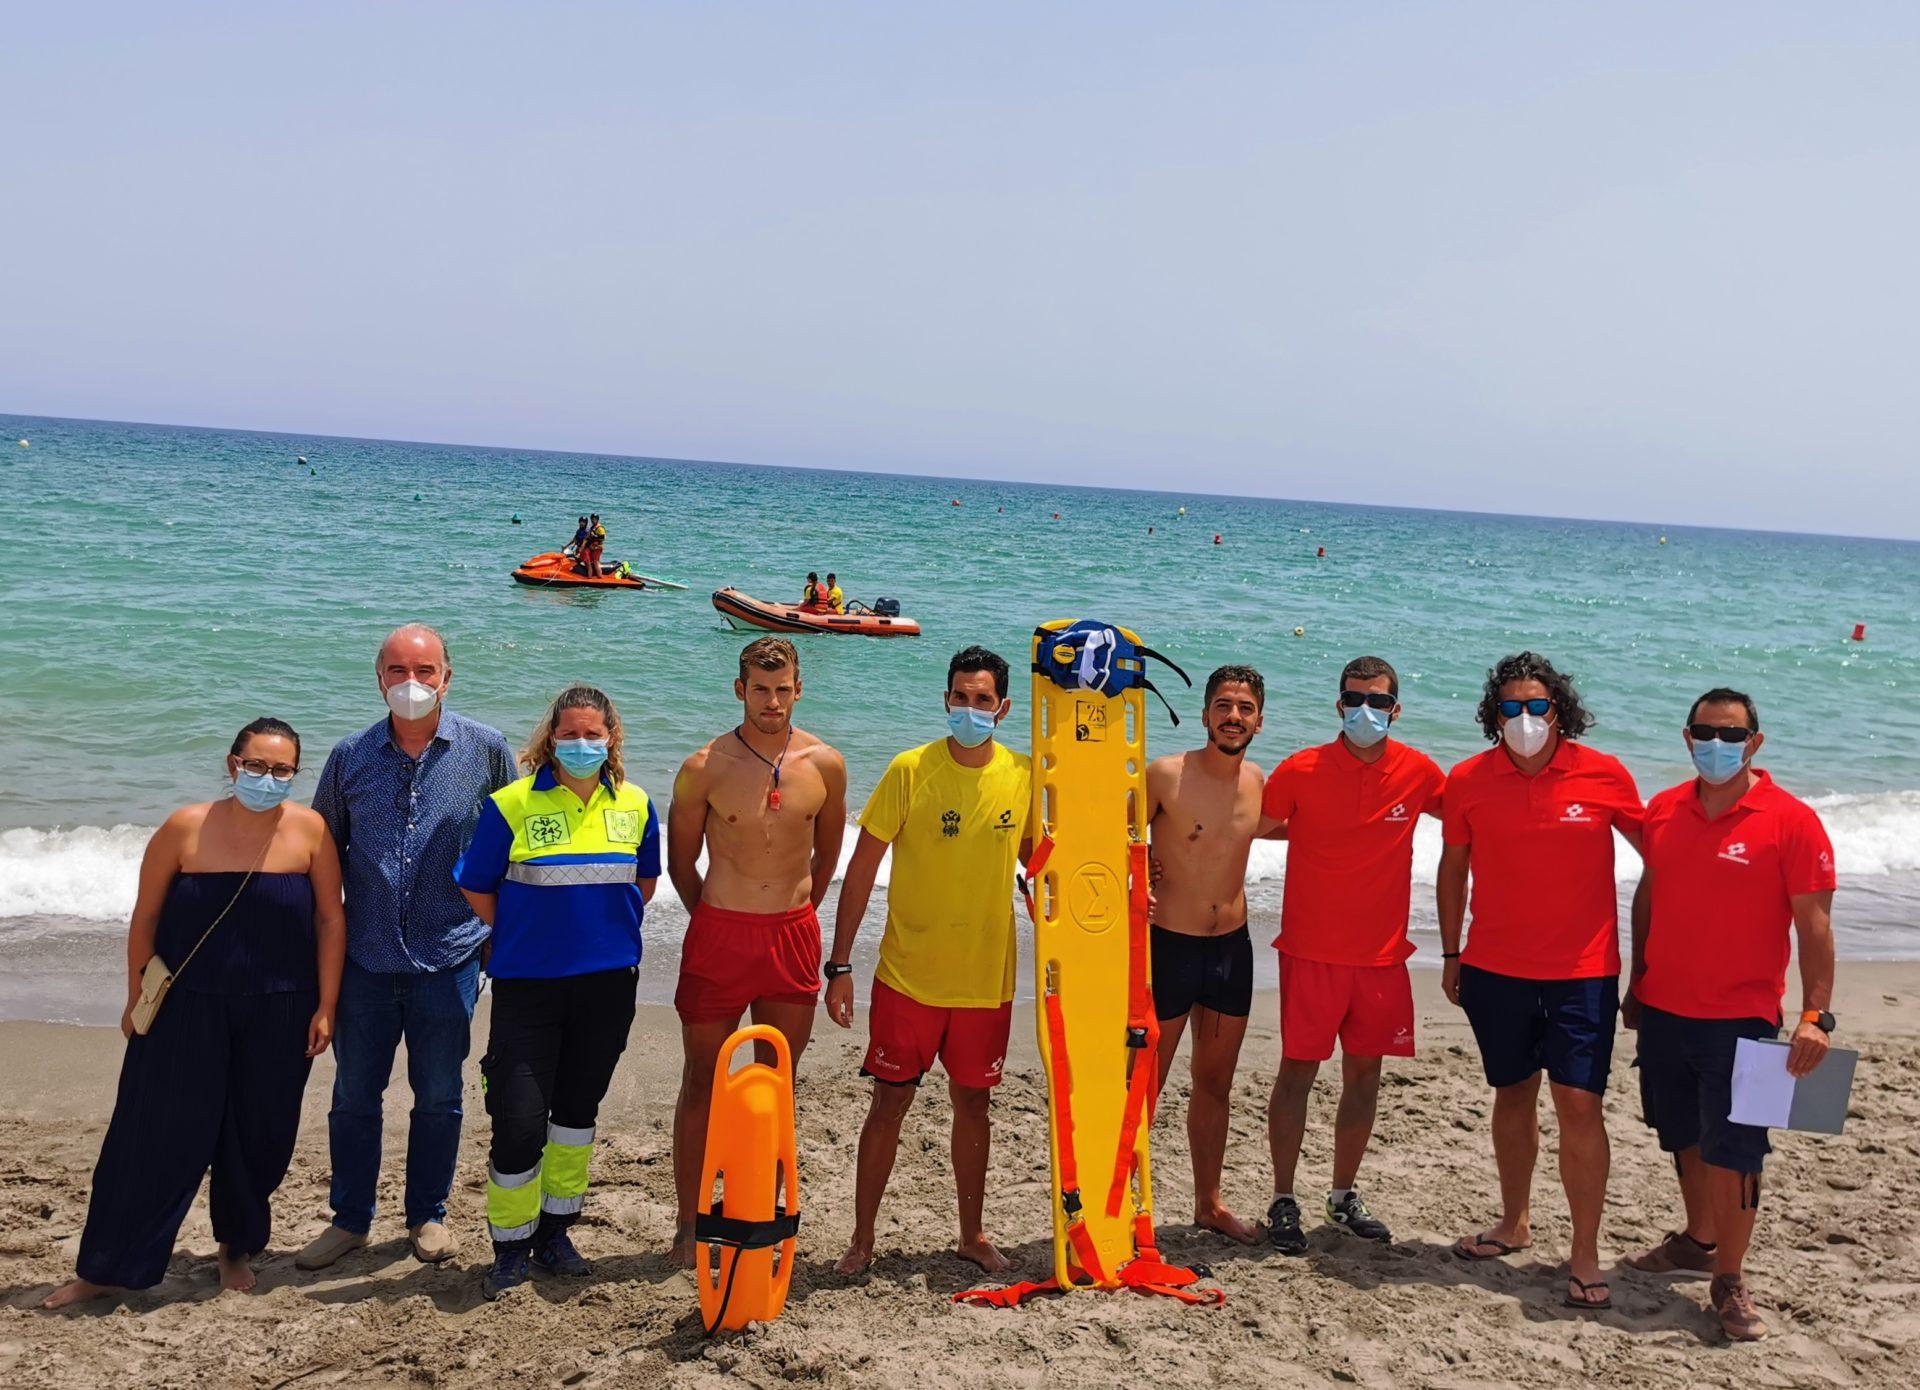 Las playas de Vera llevan a cabo un simulacro de salvamento y rescate acuático